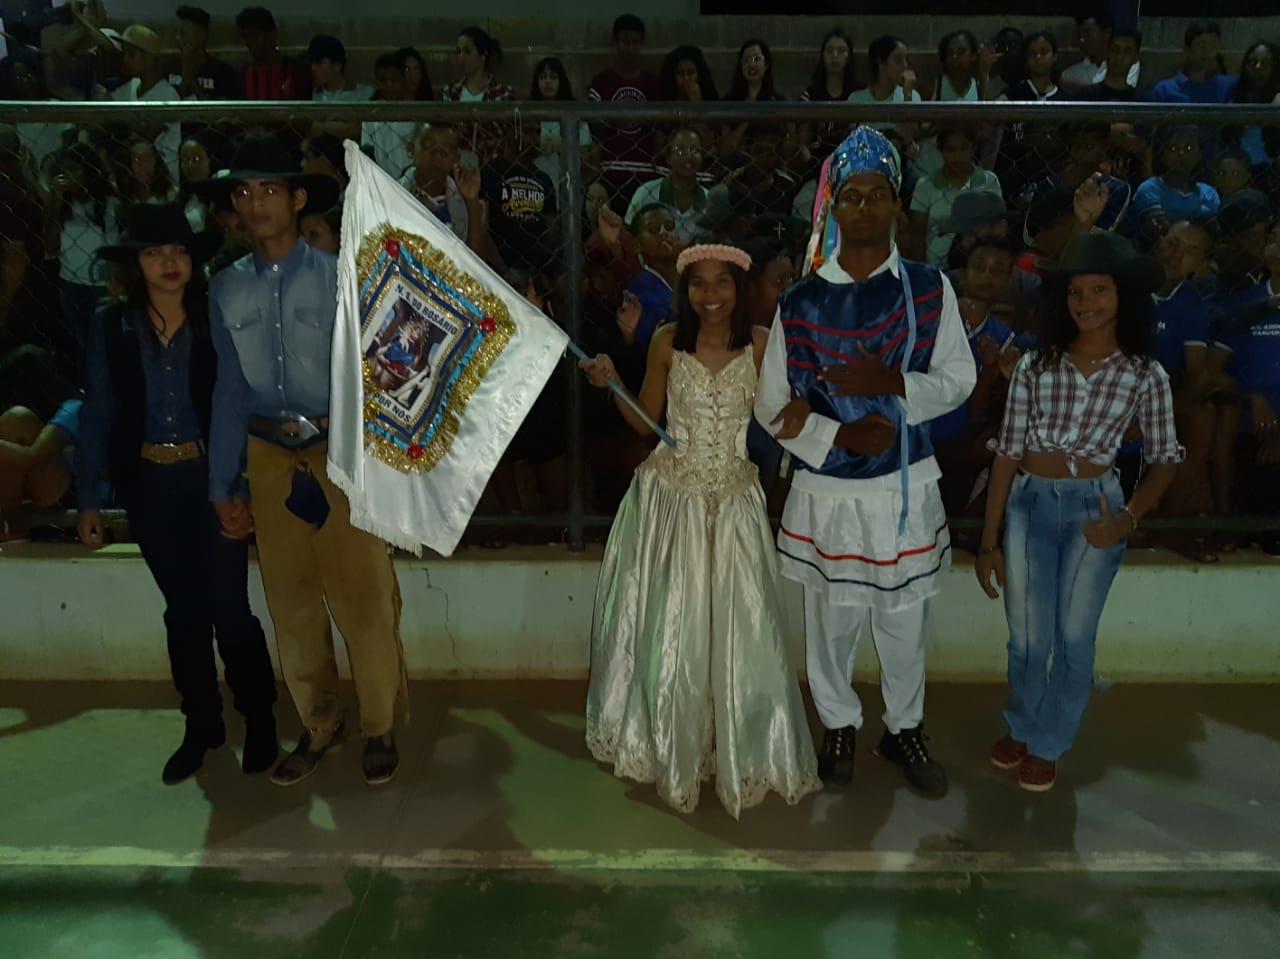 jovens com roupas tradicionais